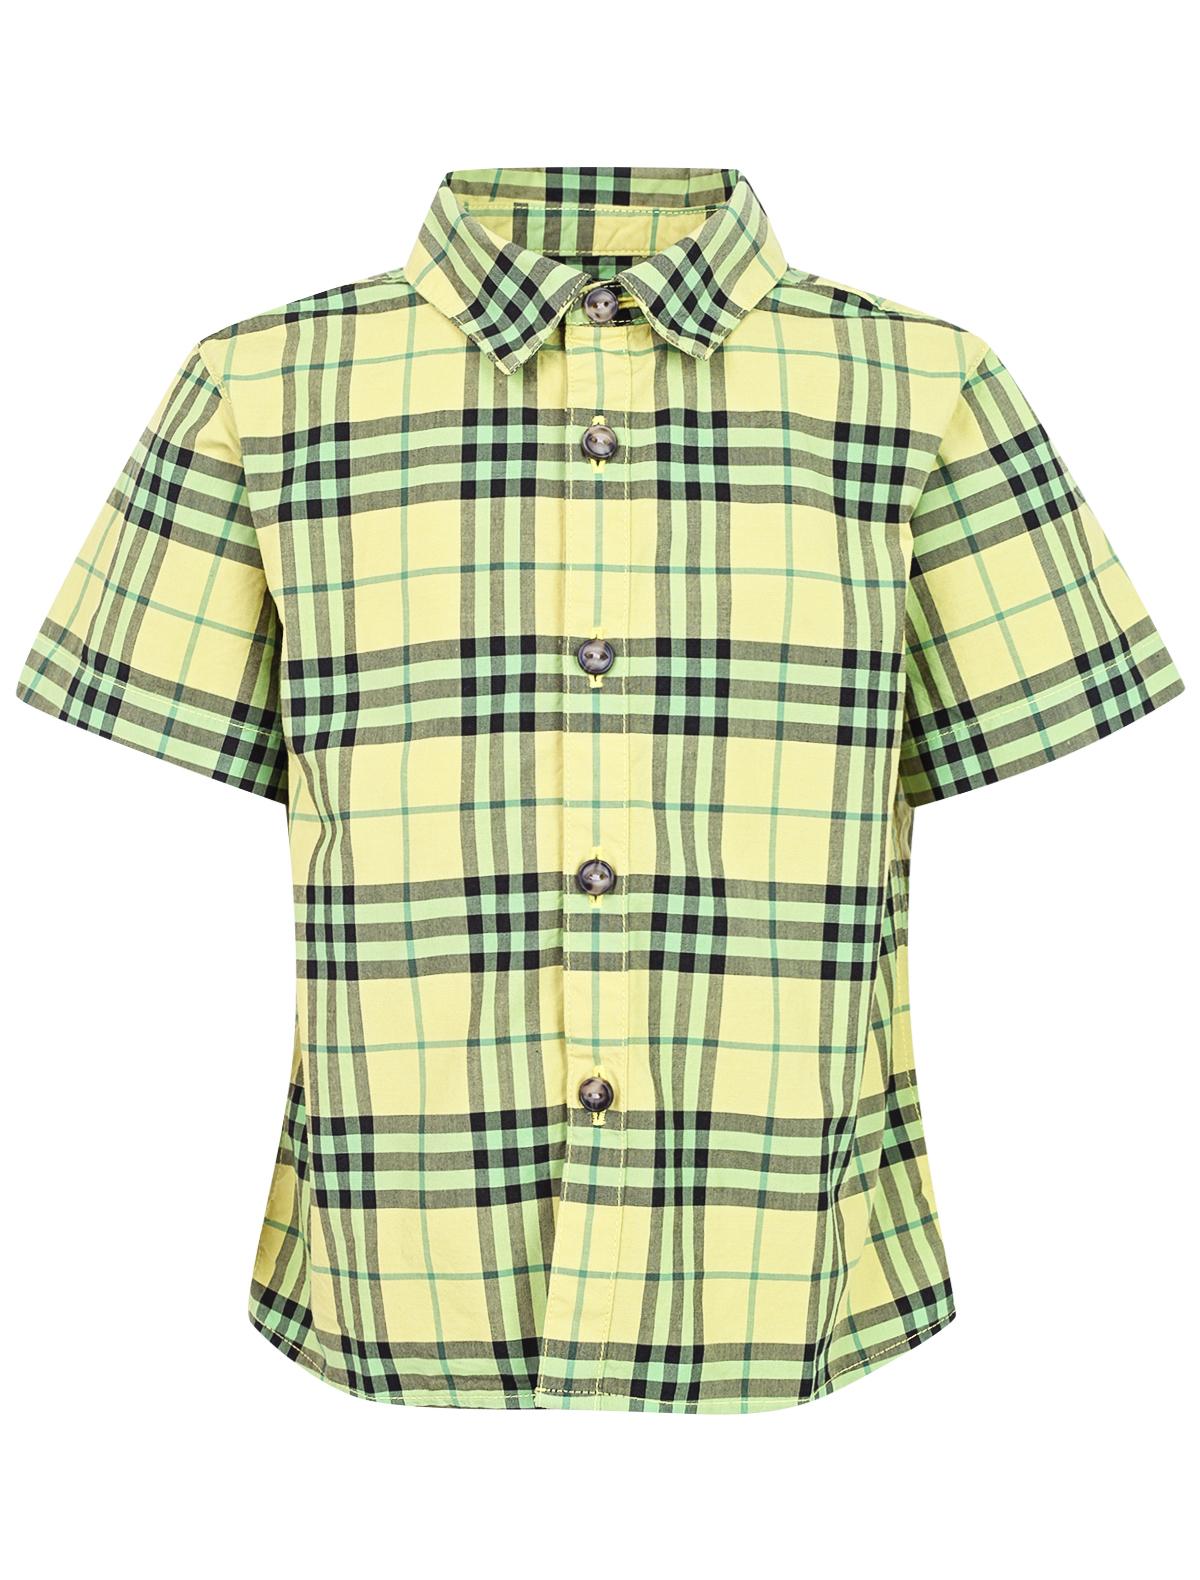 Купить 1955906, Рубашка Burberry, желтый, Мужской, 1012819971449